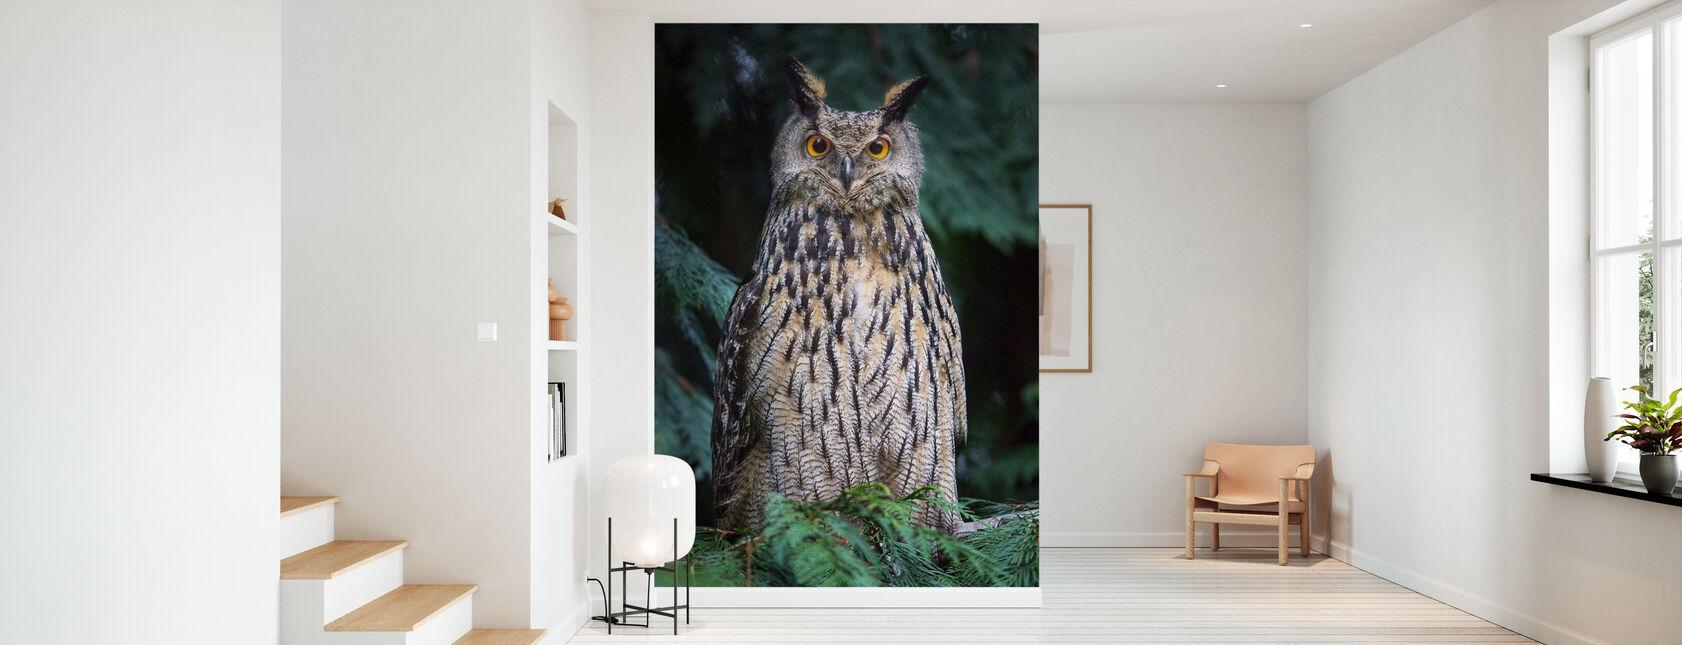 Owl - Wallpaper - Hallway